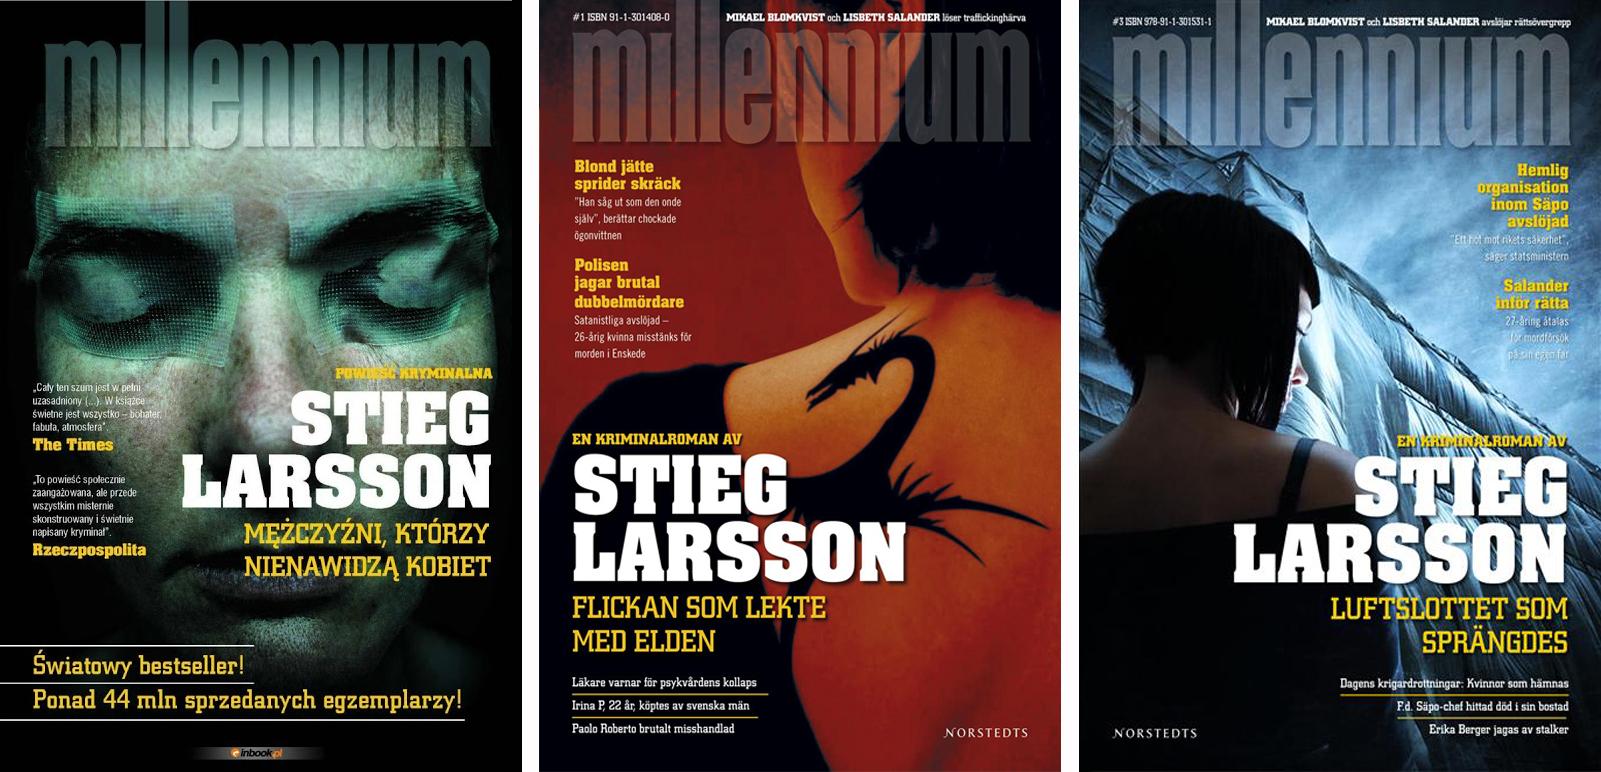 Znalezione obrazy dla zapytania stieg larsson millenium